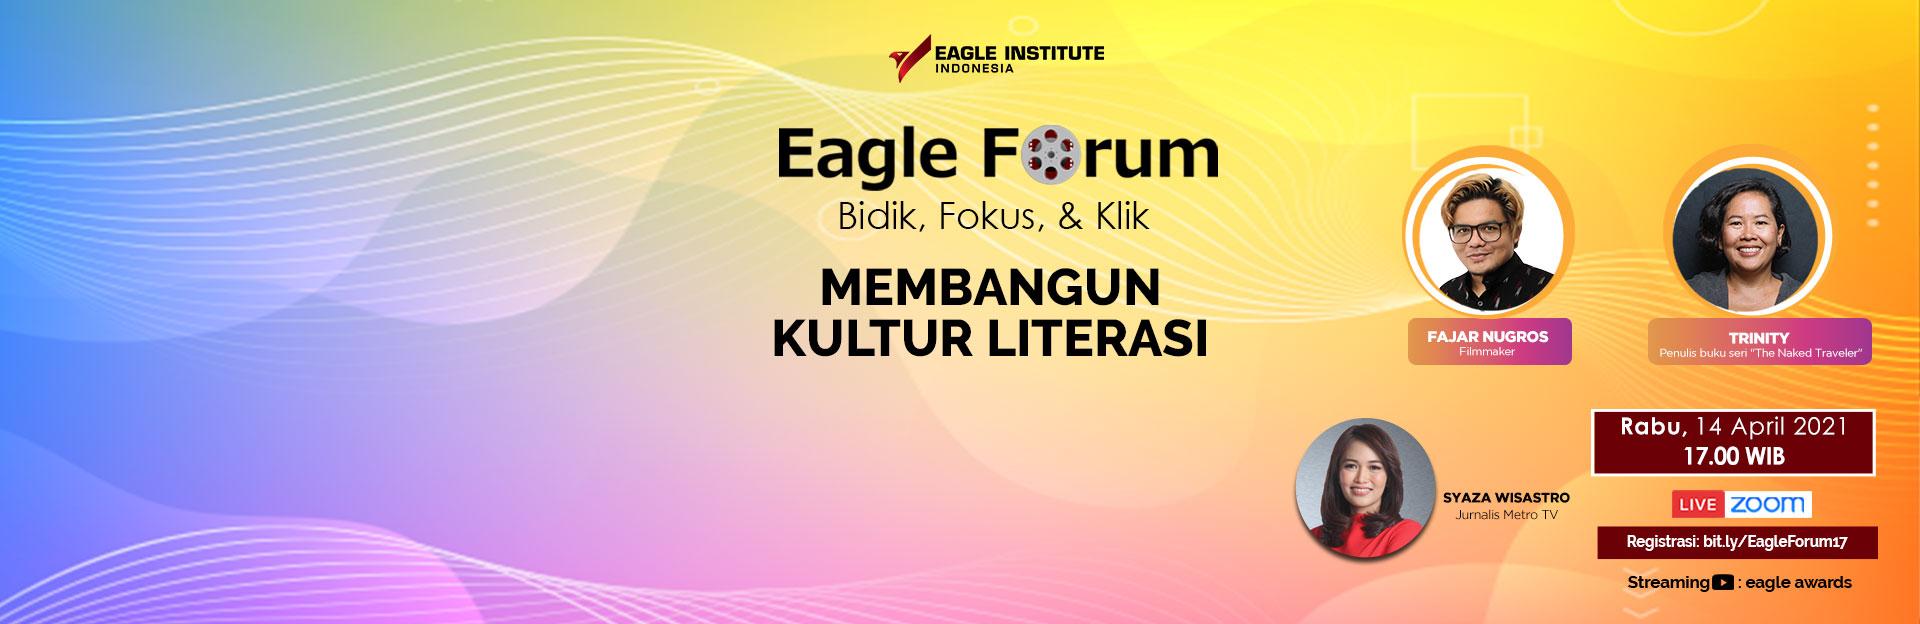 Eagle Forum